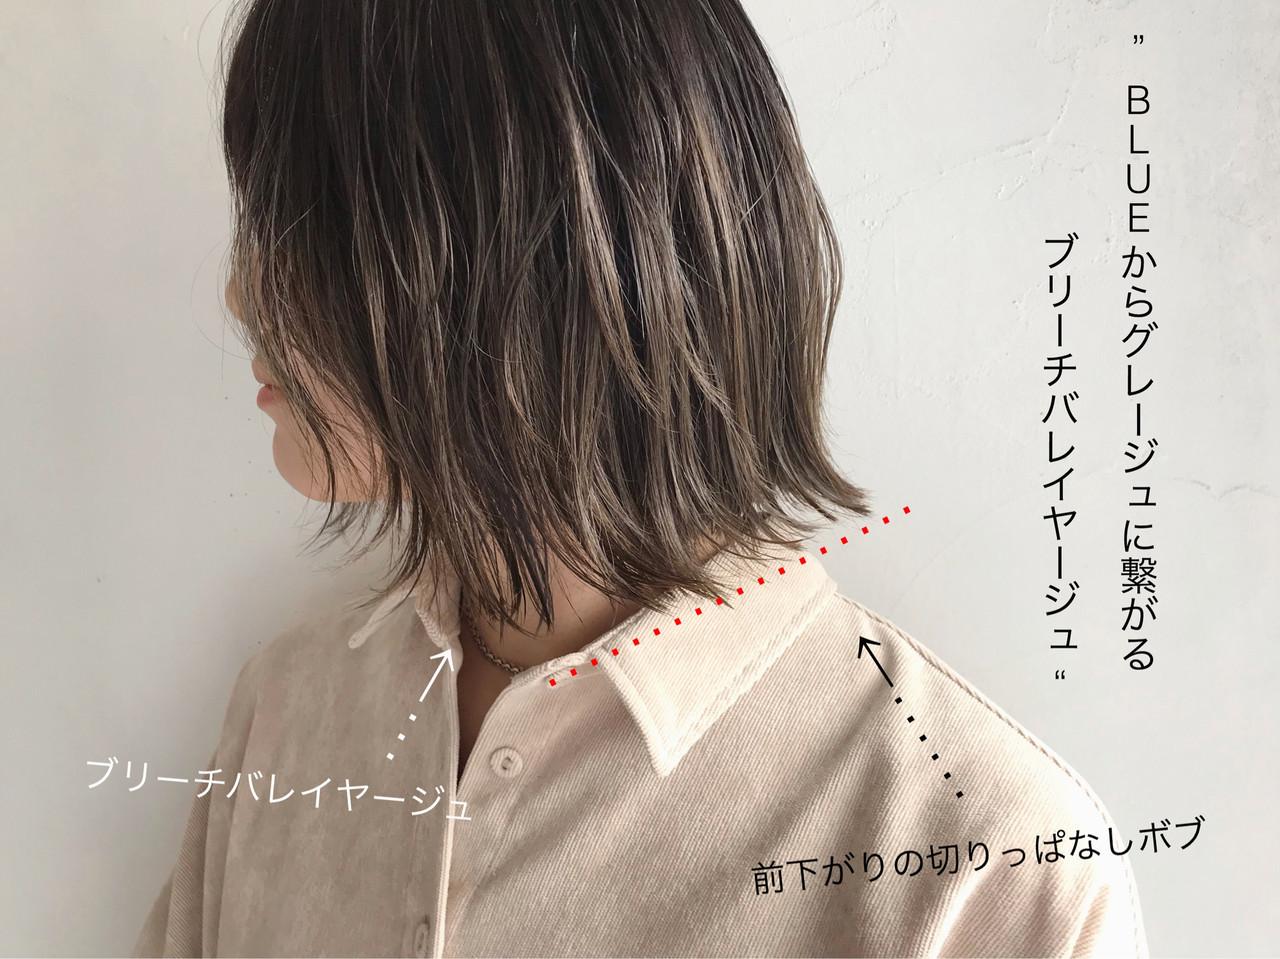 アッシュグラデーション ミディアム 切りっぱなしボブ バレイヤージュ ヘアスタイルや髪型の写真・画像 | 原田 和幸 / TELA / TELA